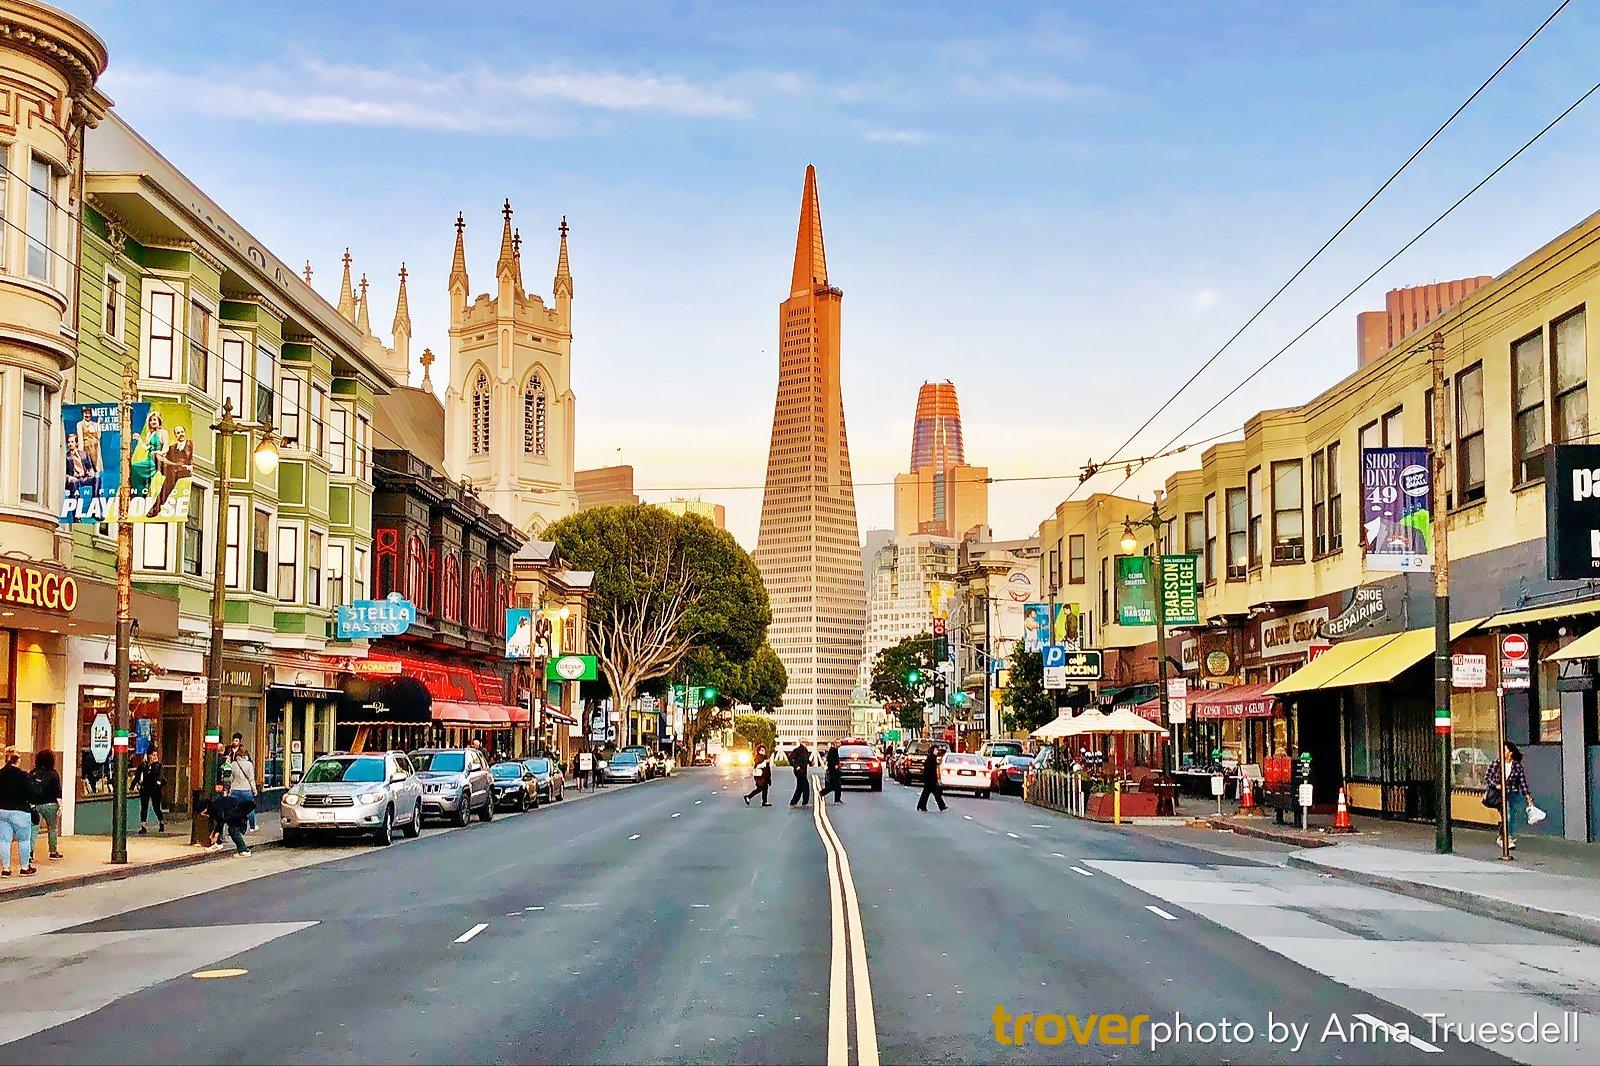 endroits pour brancher à San Francisco Comment prendre une bonne image pour un site de rencontre